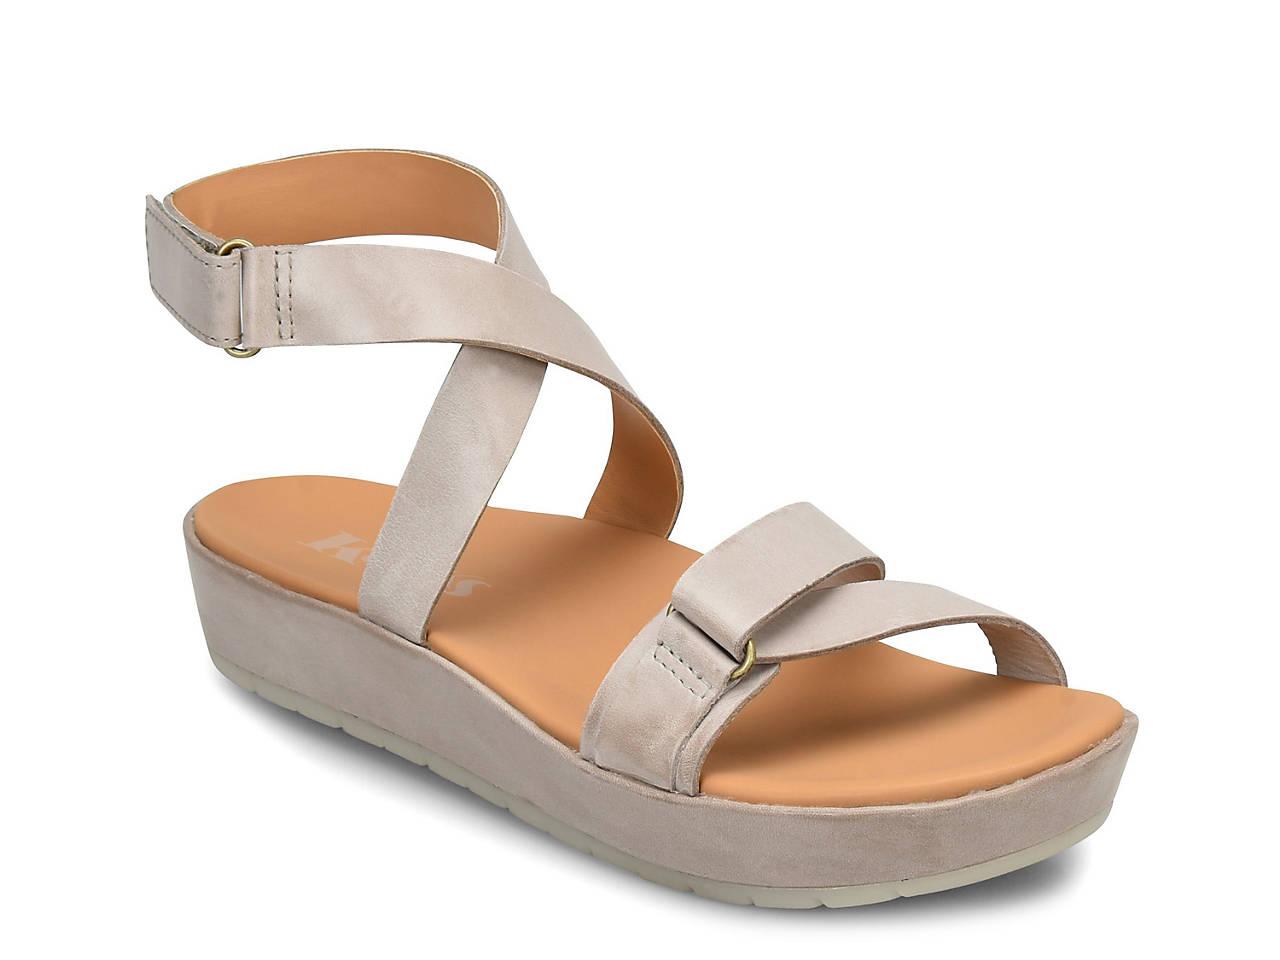 db5b8f88c898 Korks Teal Platform Sandal Women s Shoes